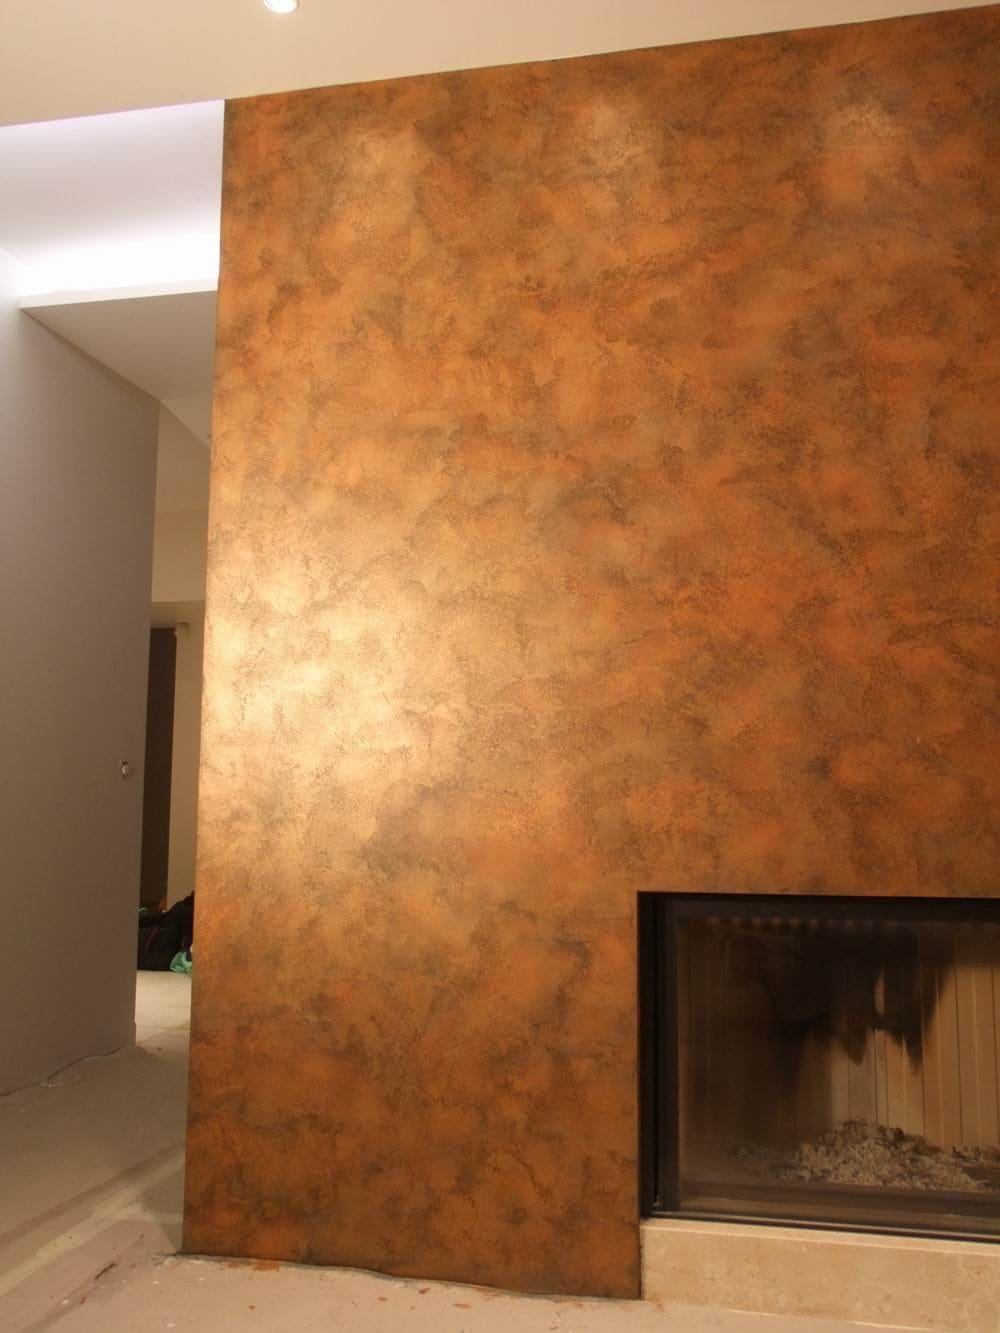 Декоративная штукатурка - лучшие красивые варианты отделки стен в интерьере 119